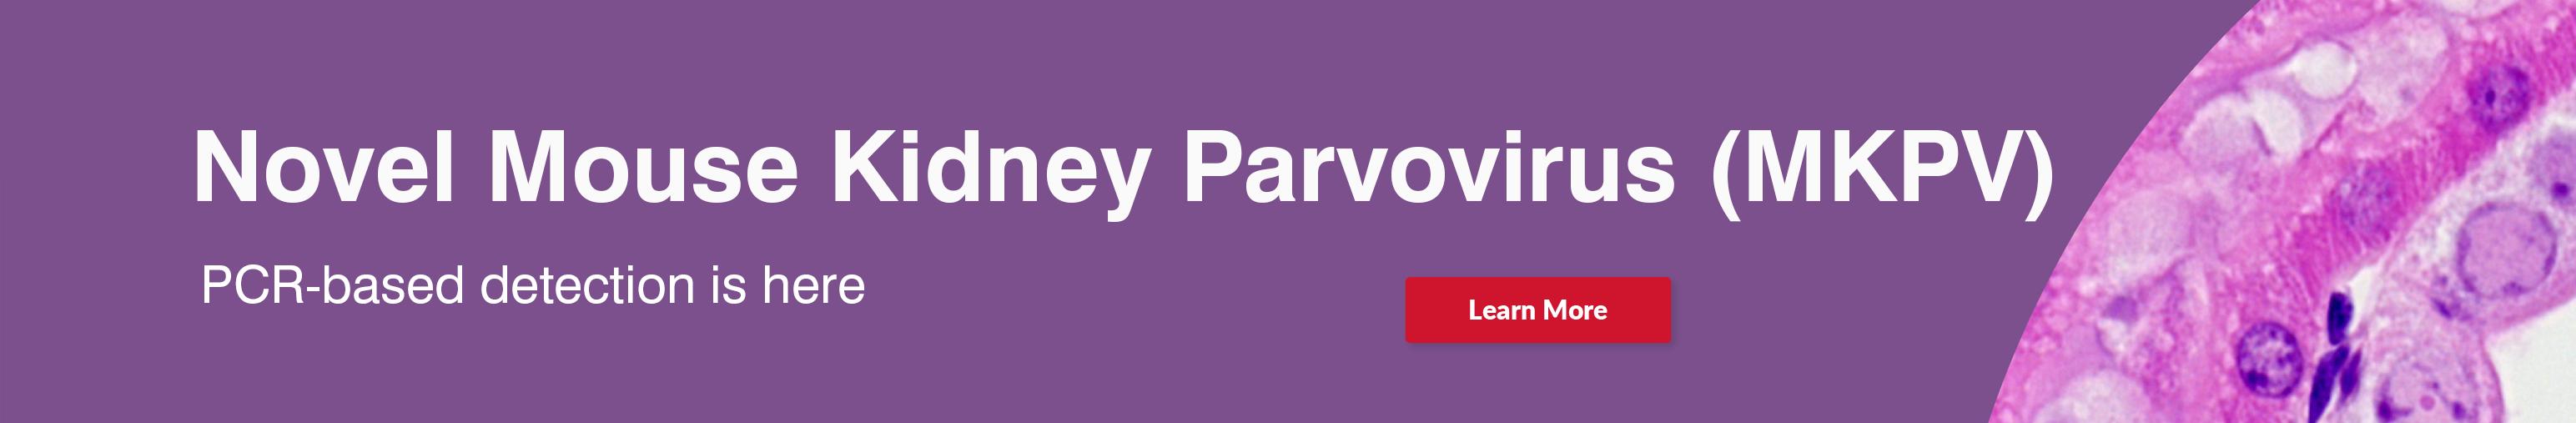 MK Parvo Banner PCR